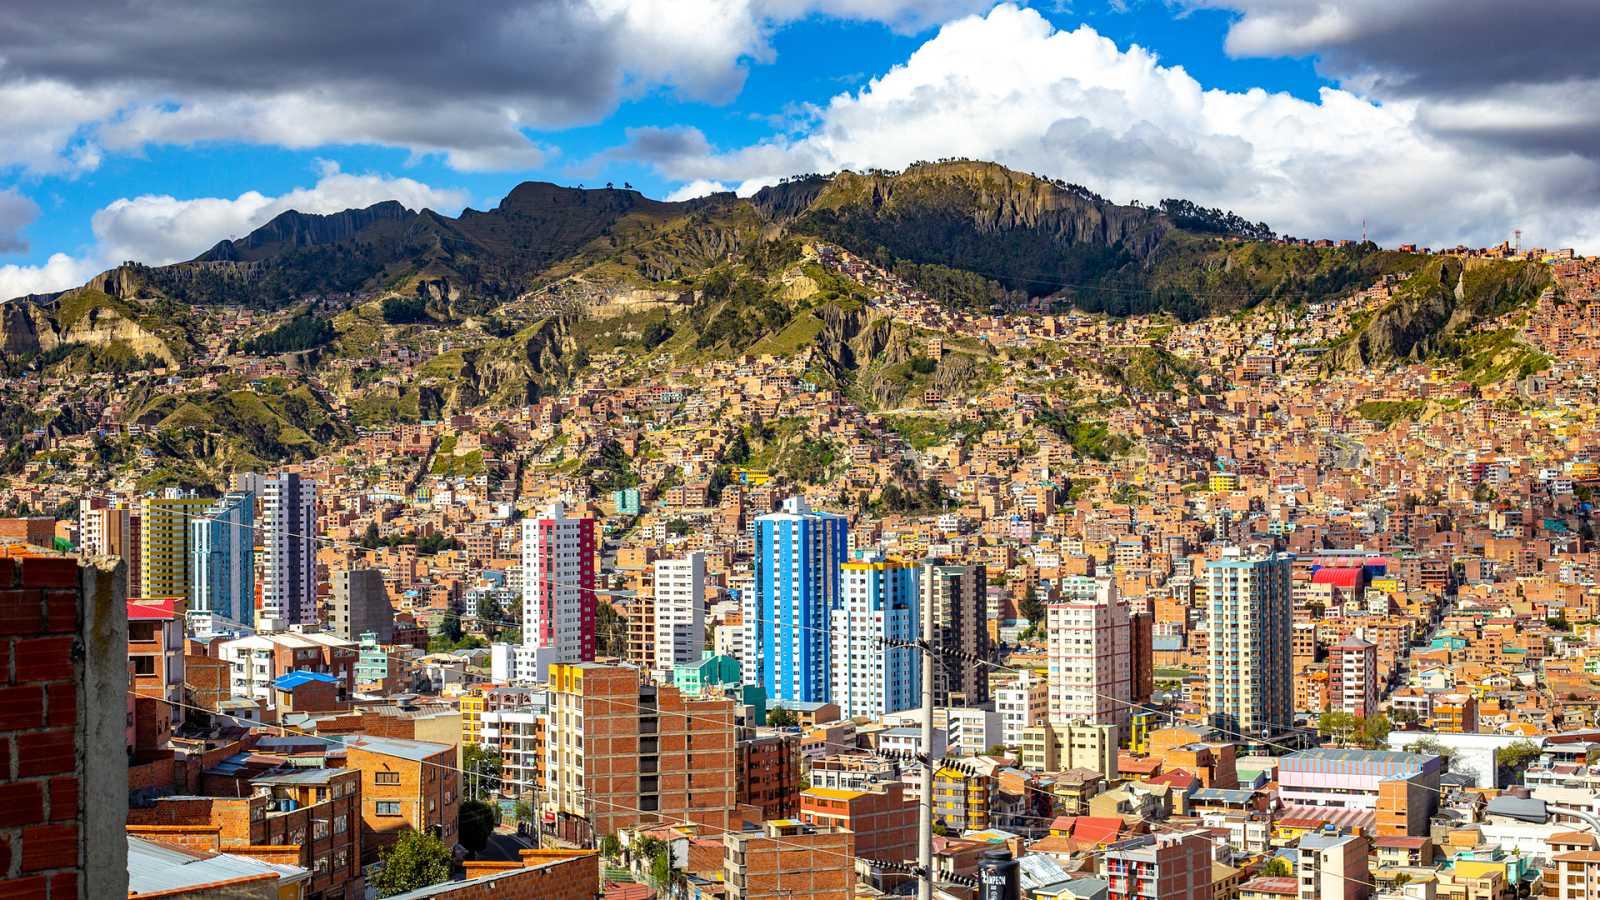 Bienvenidos a mi extraña ciudad - Episodio 4: La Paz - ver ahora